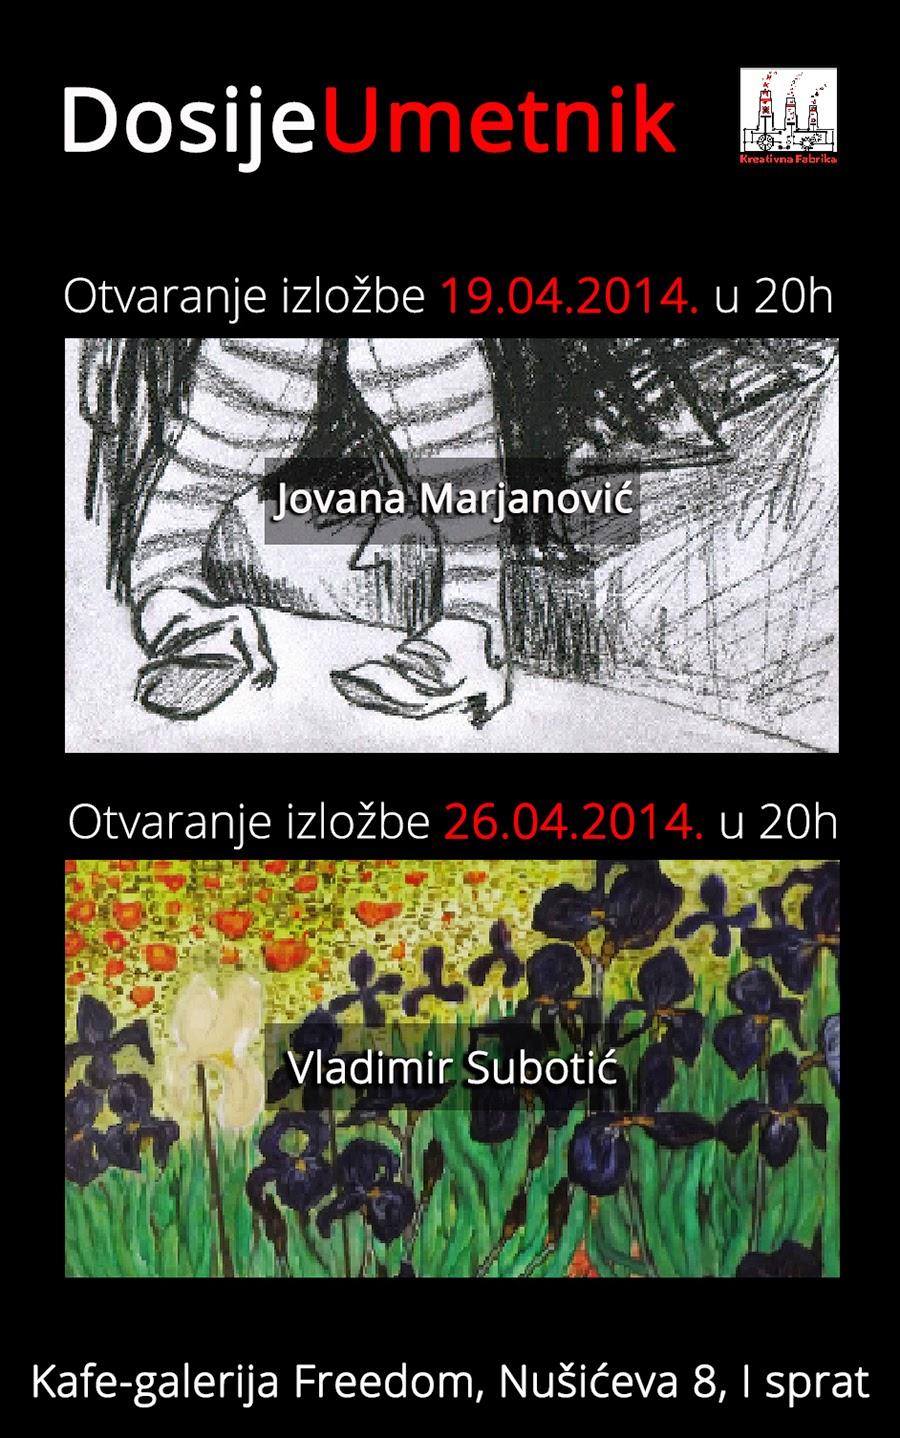 Projekat ,,Dosije Umetnik'' - izložbe udruženja Kreativna Fabrika